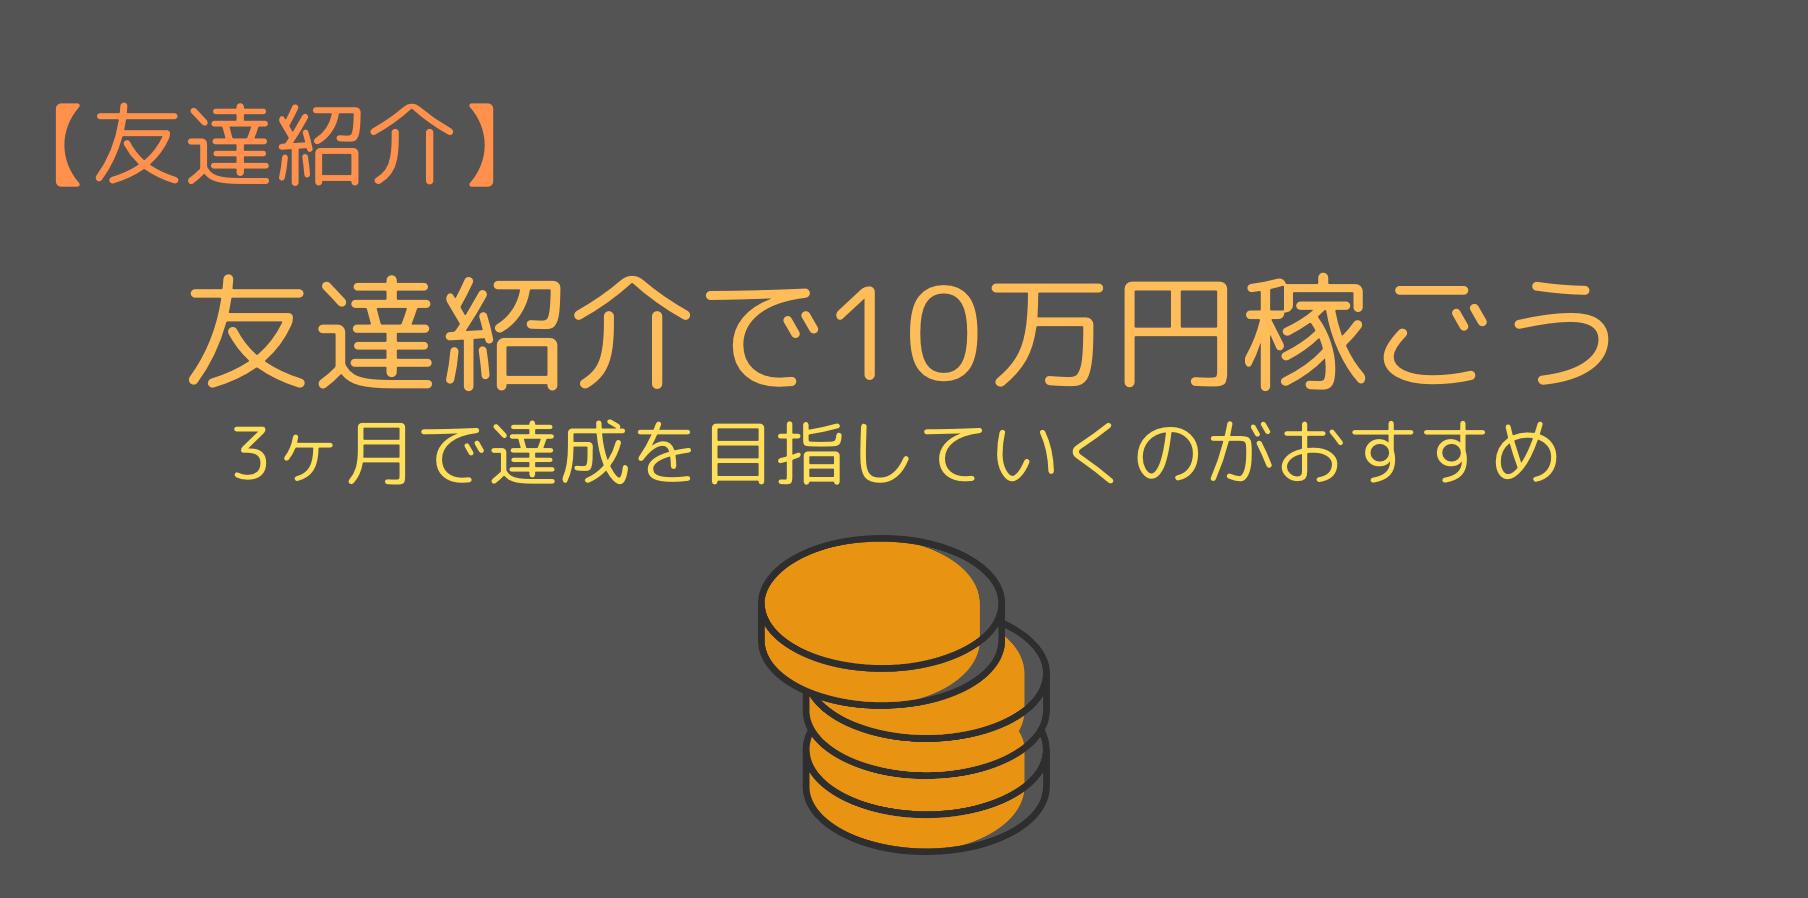 モッピーの友達紹介で月に10万円稼ぐ方法